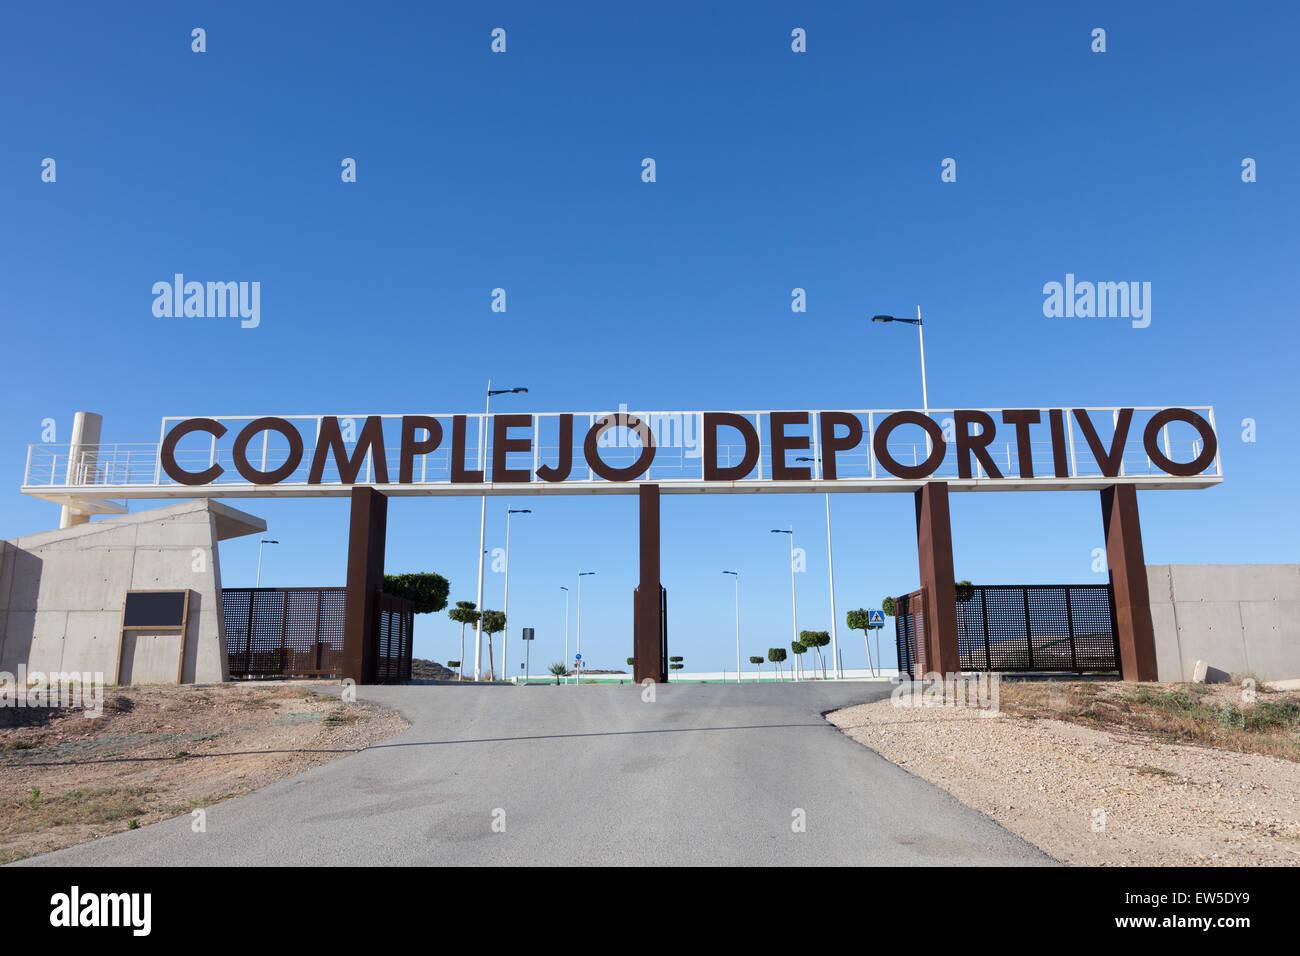 Complejo Deportivo - spagnolo per impianti sportivi Immagini Stock